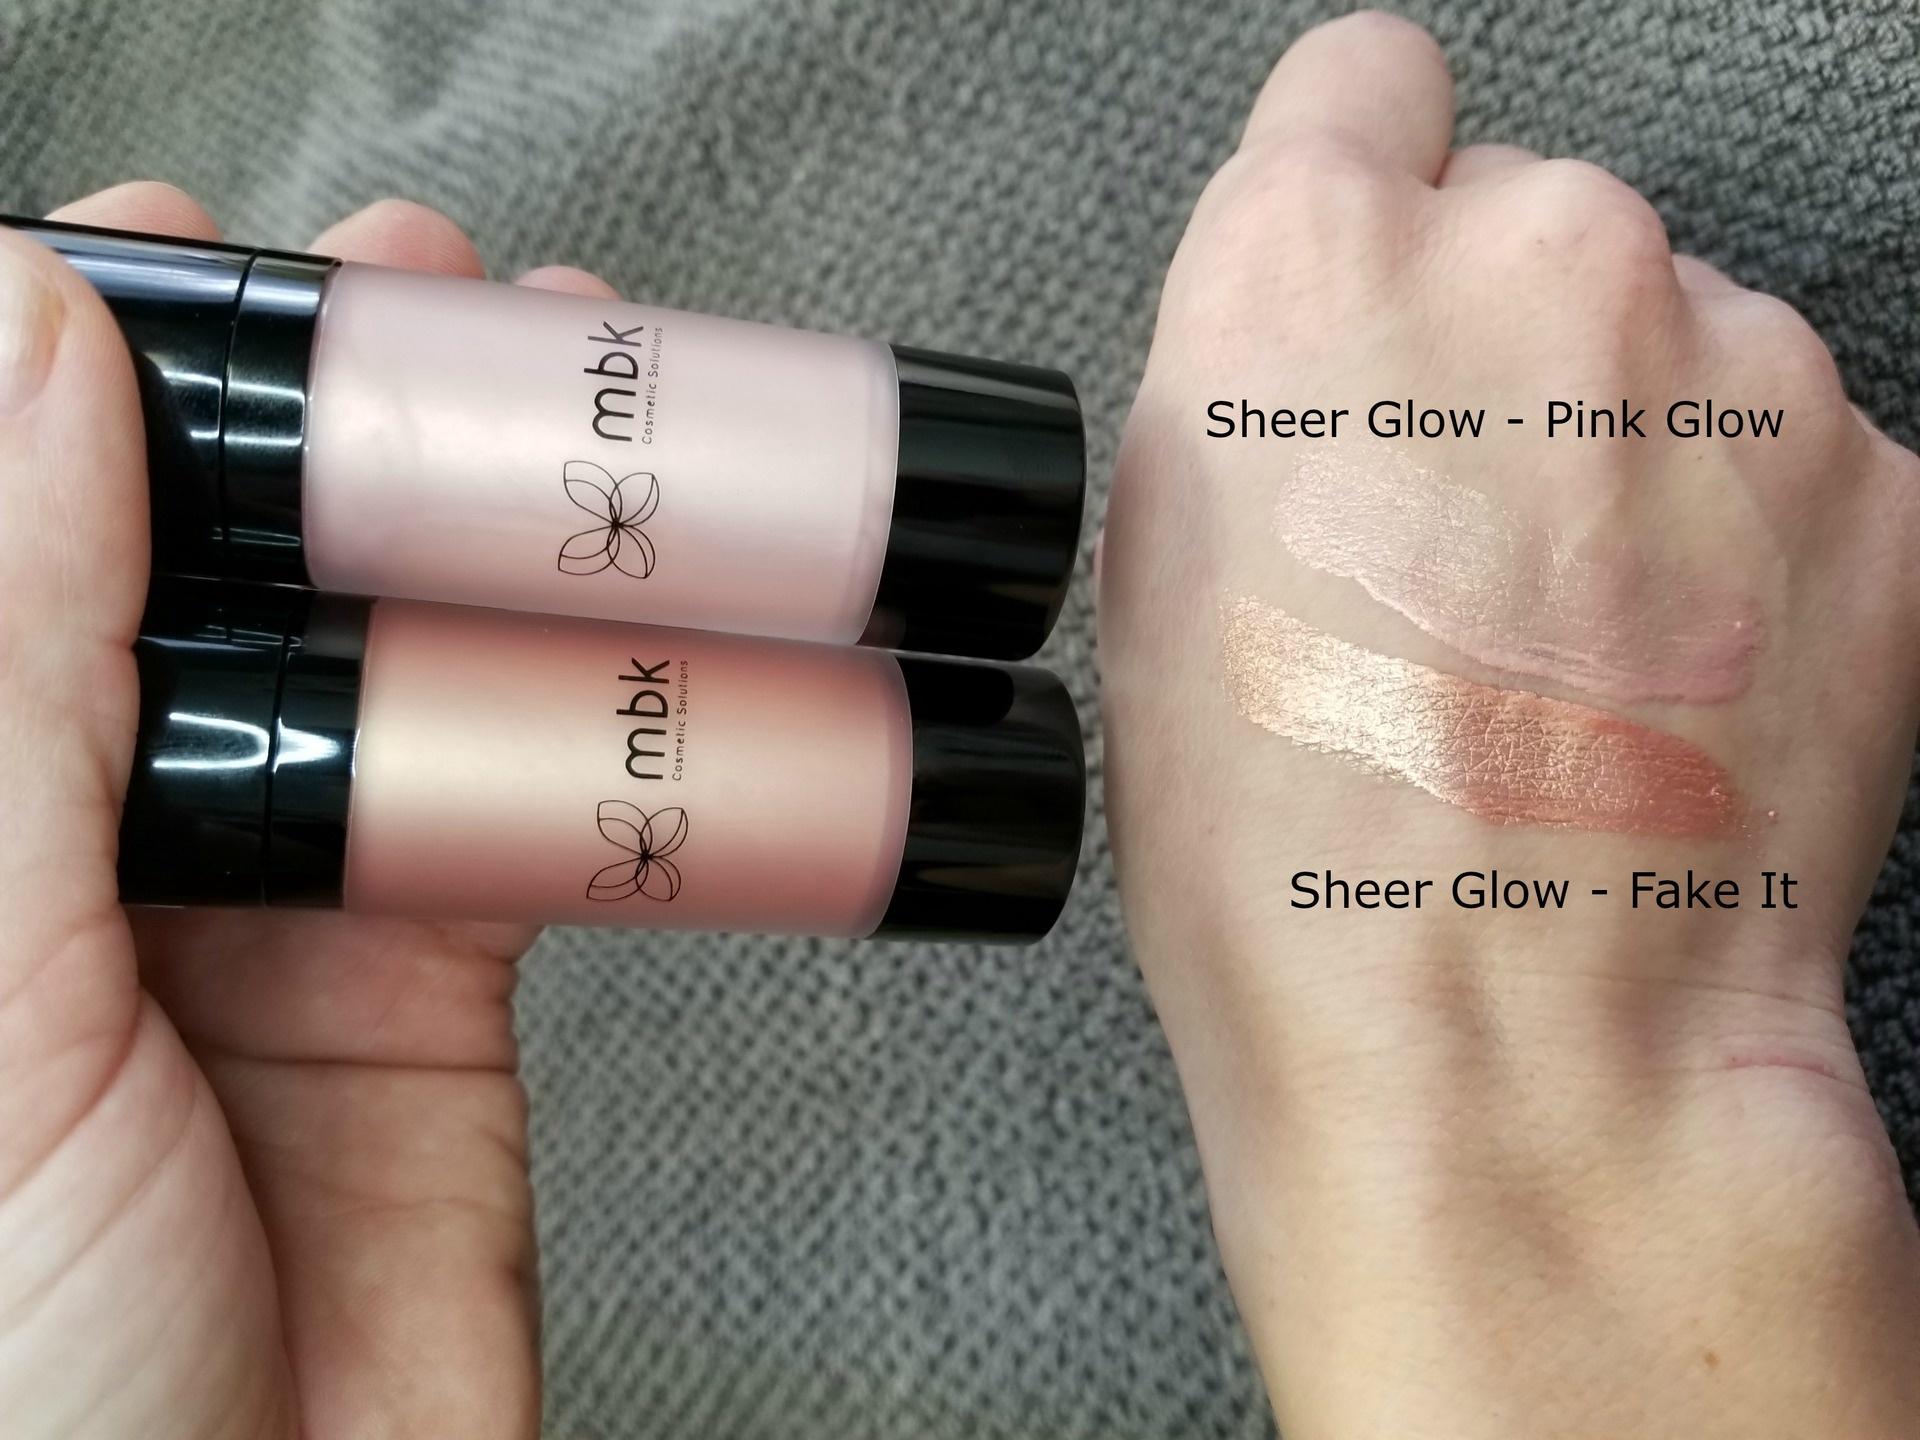 Sheer Glow - Fake It